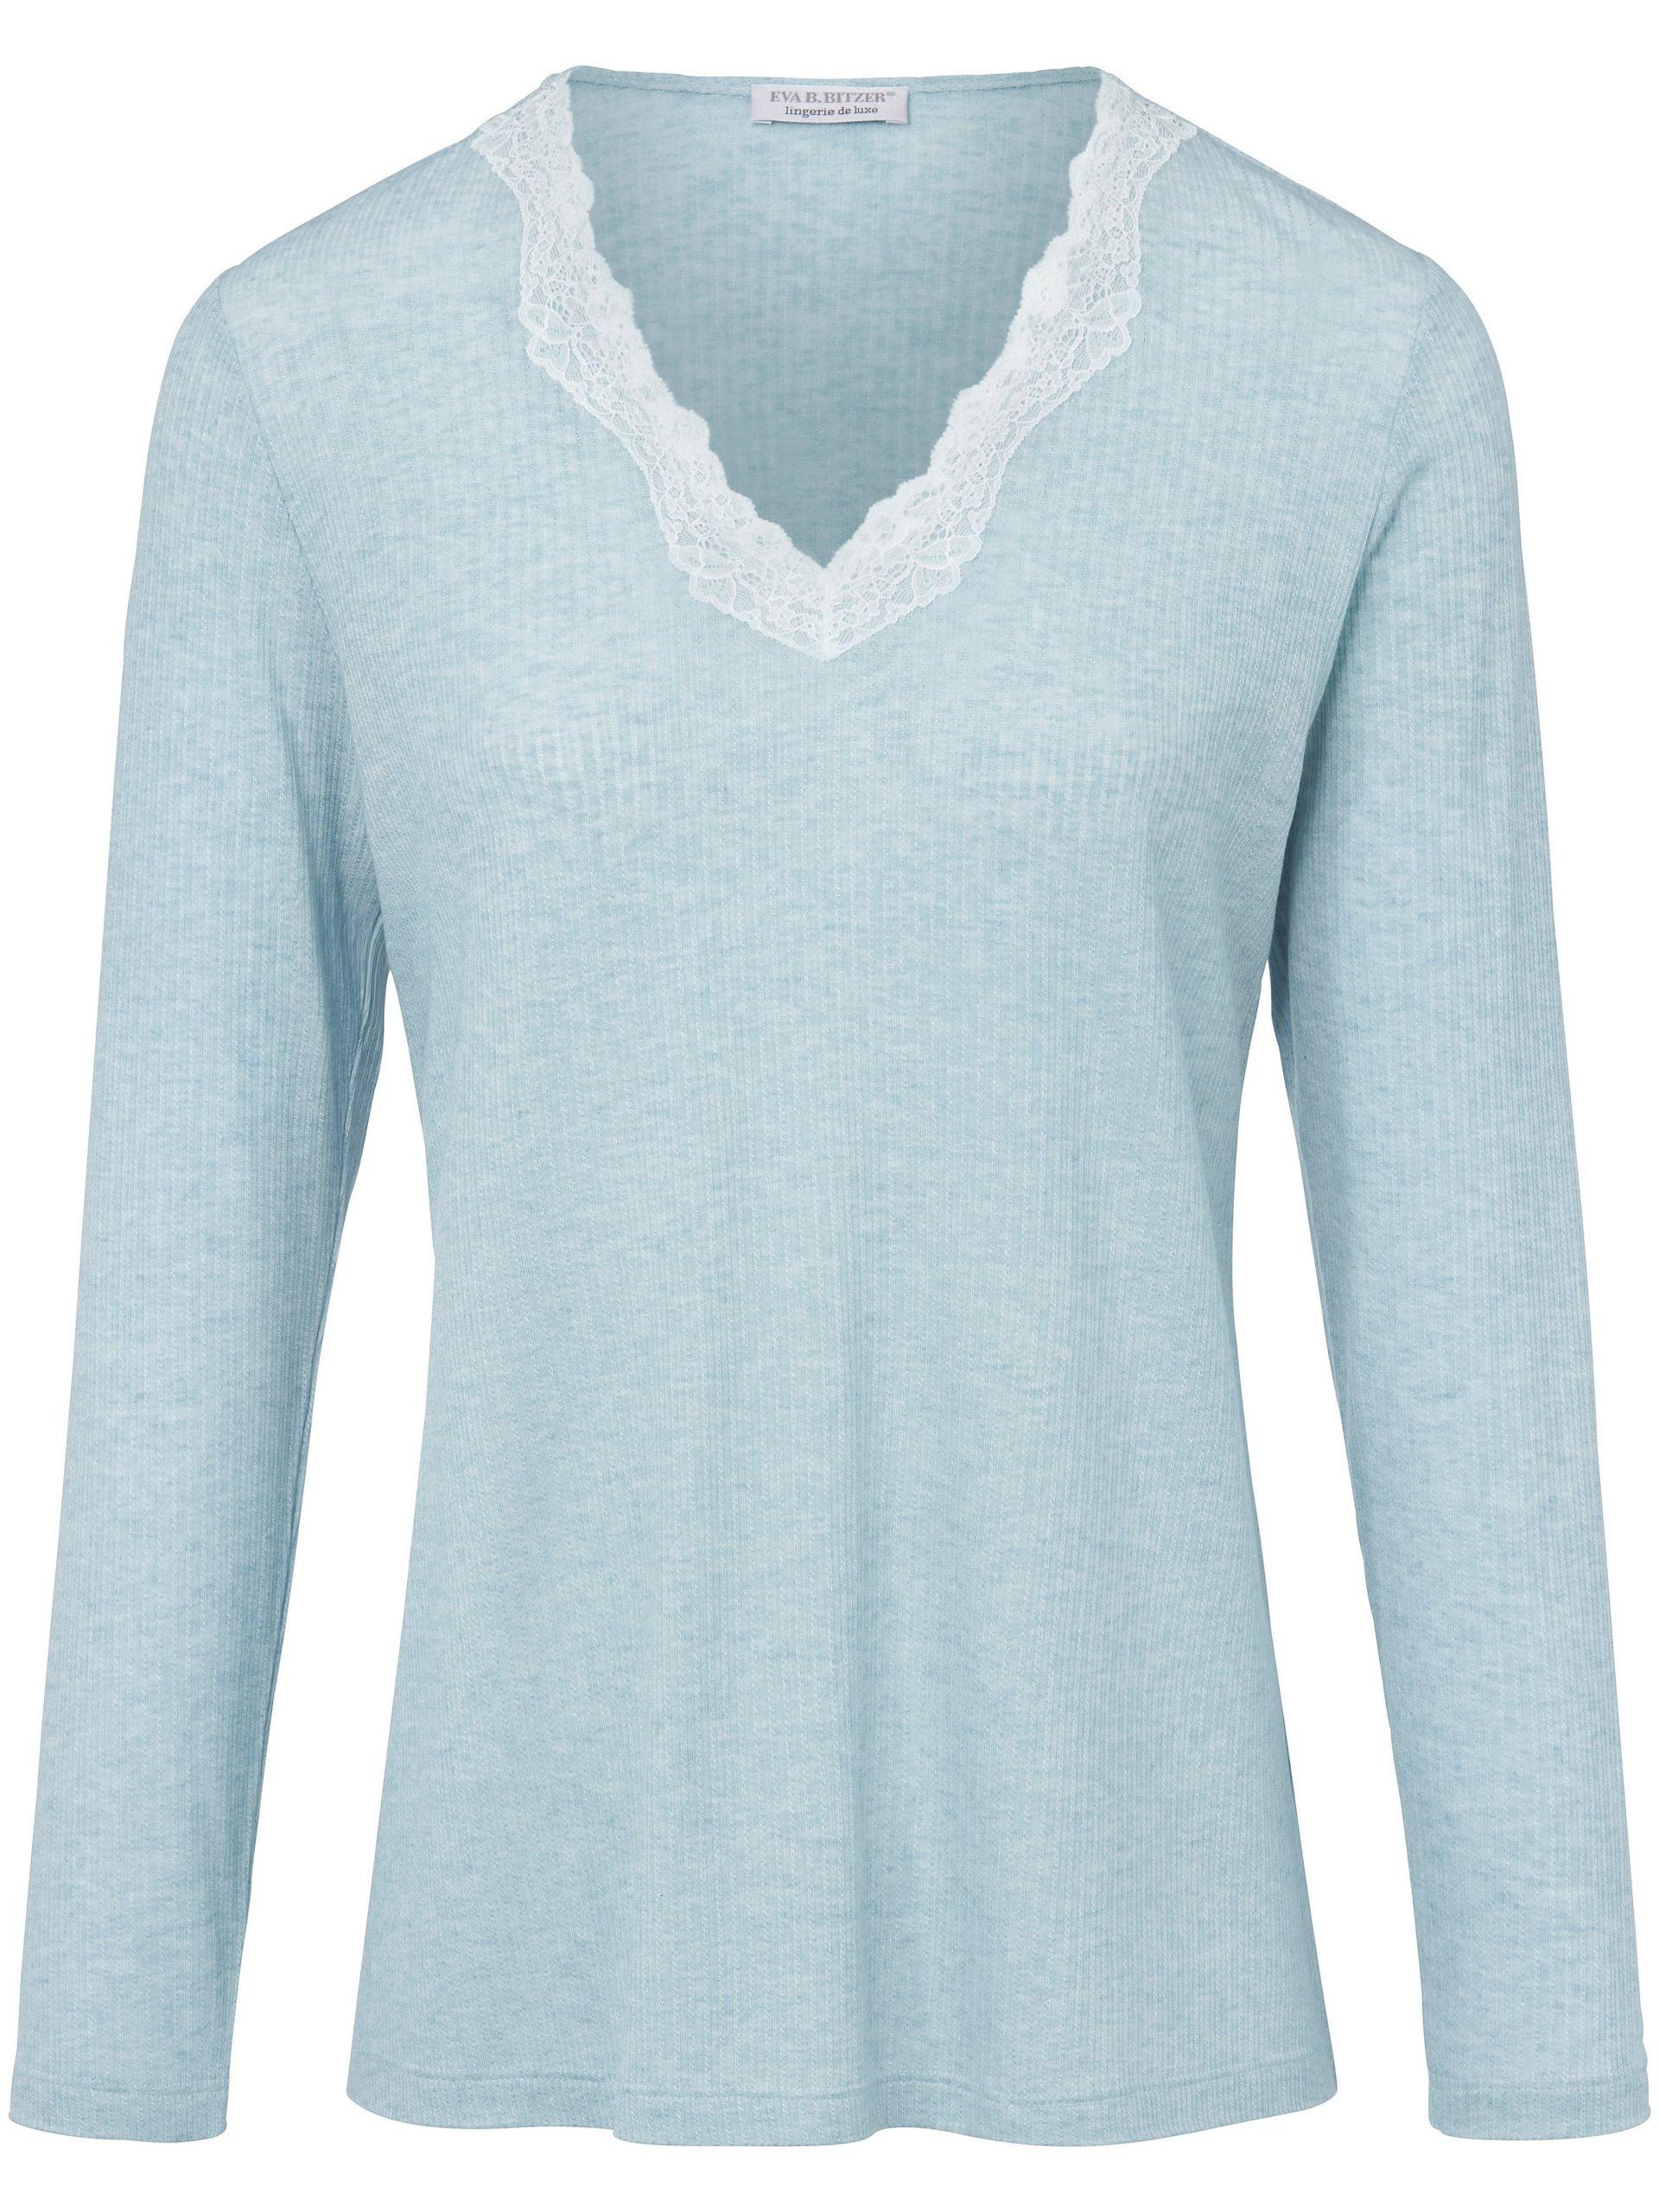 Pyjama met V-hals Van Eva B. Bitzer blauw Kopen